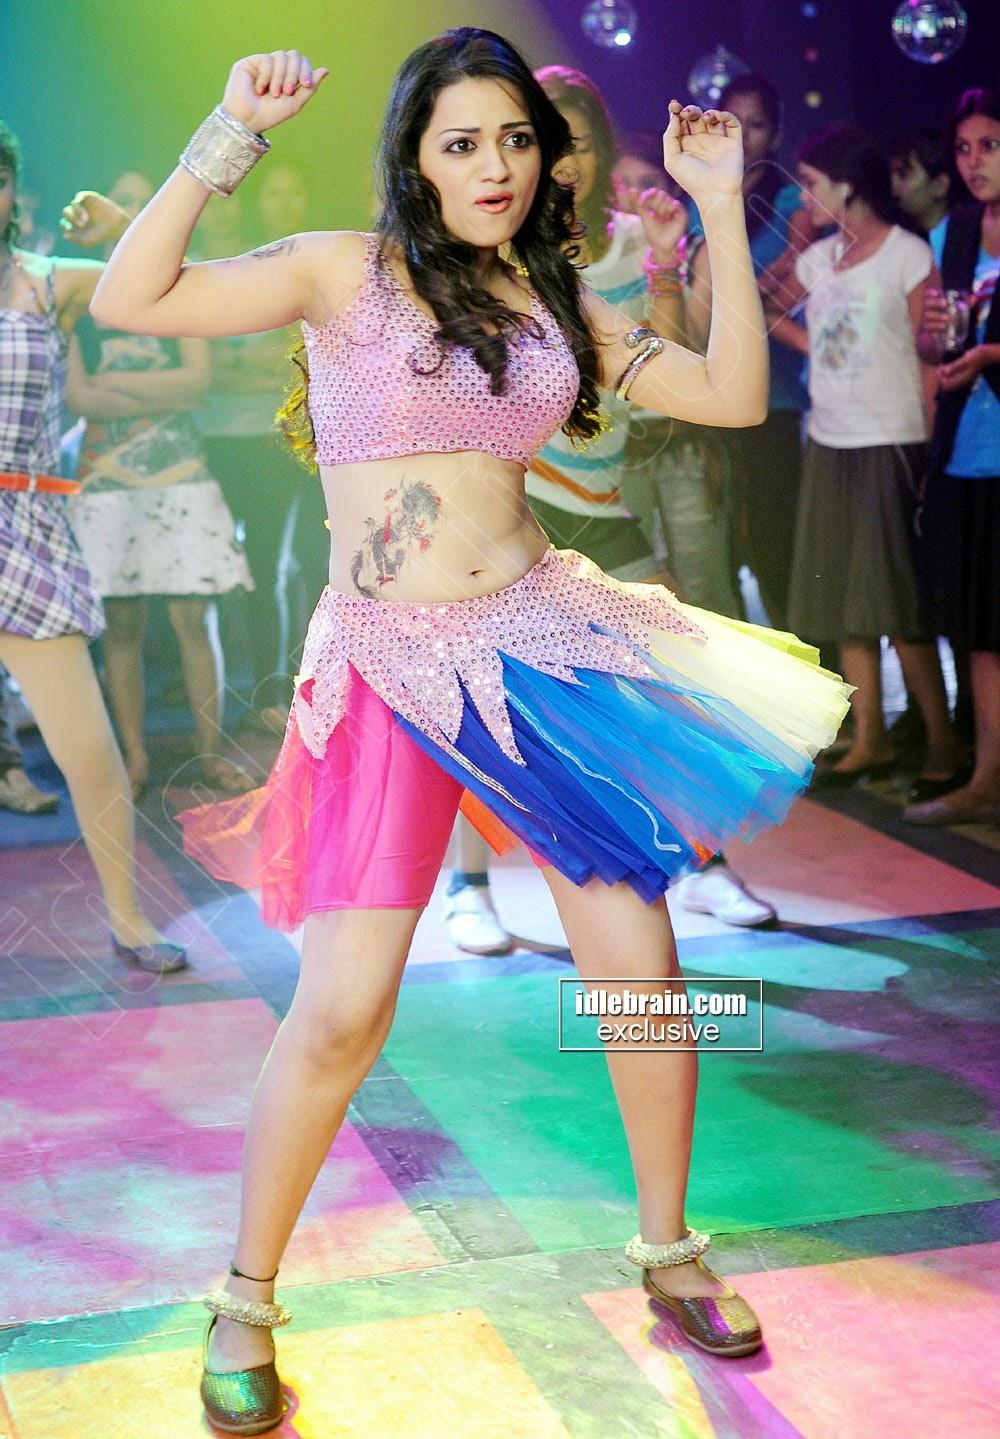 reshma sexy dance